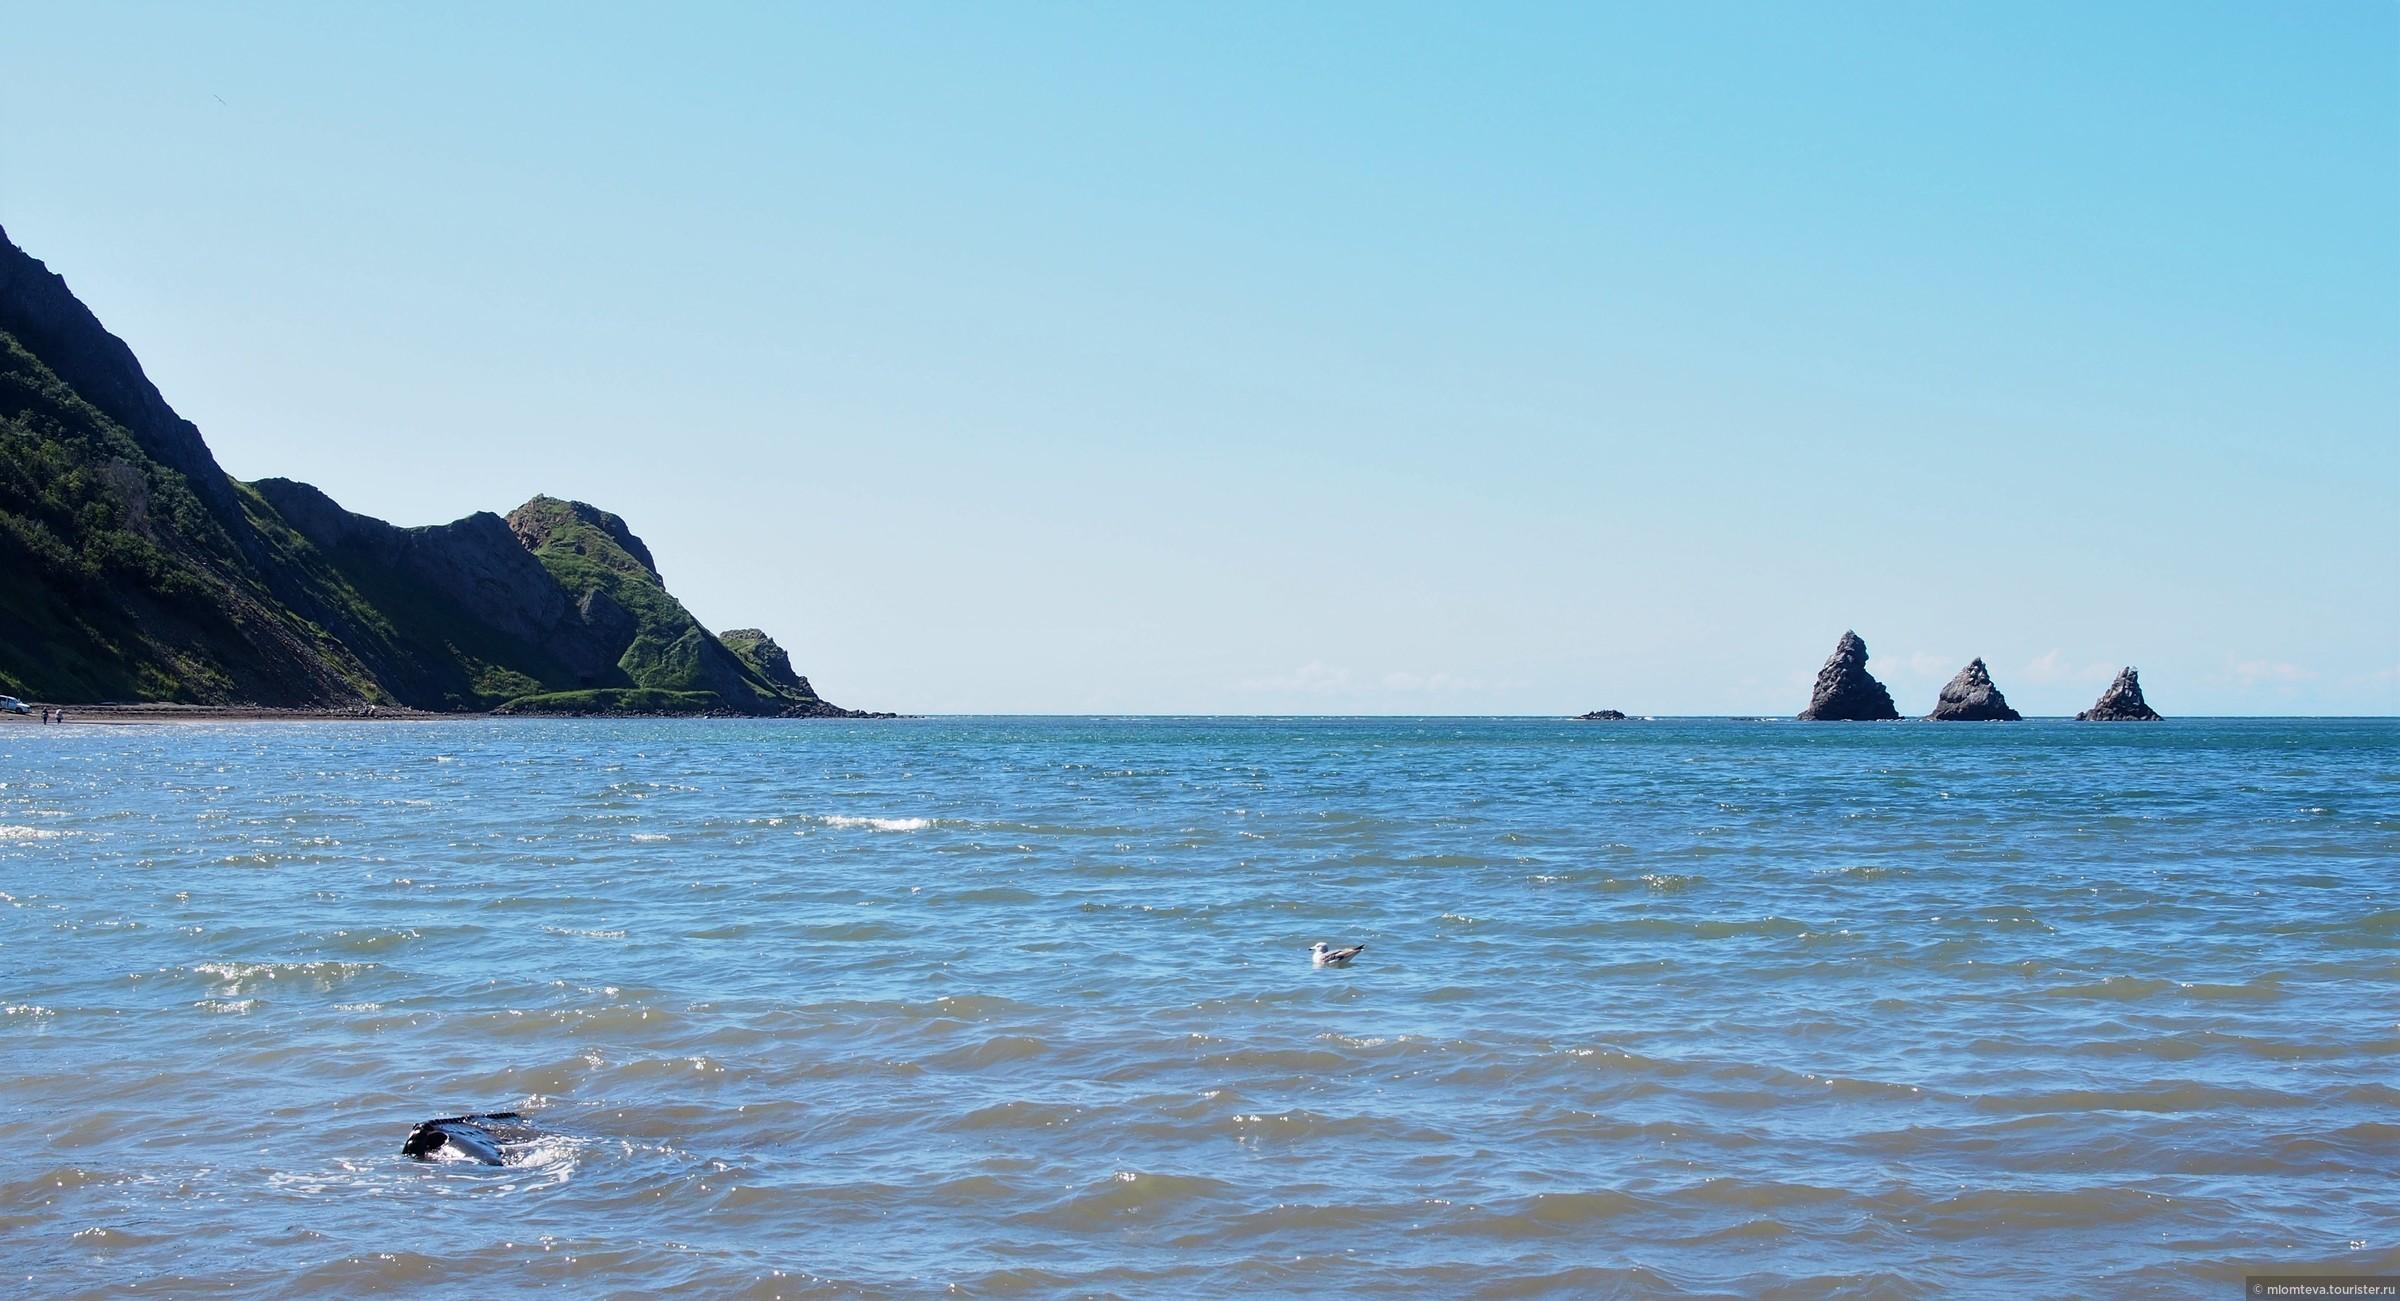 Появление перед глазами Трех Братьев - каждый раз - как чудо... Причем (интересный эффект!), если смотришь из города (километра за два от пляжа), кажется почему-то что, что Братья стоят прямо на берегу!... Непонятный эффект;-), Александровск-Сахалинский